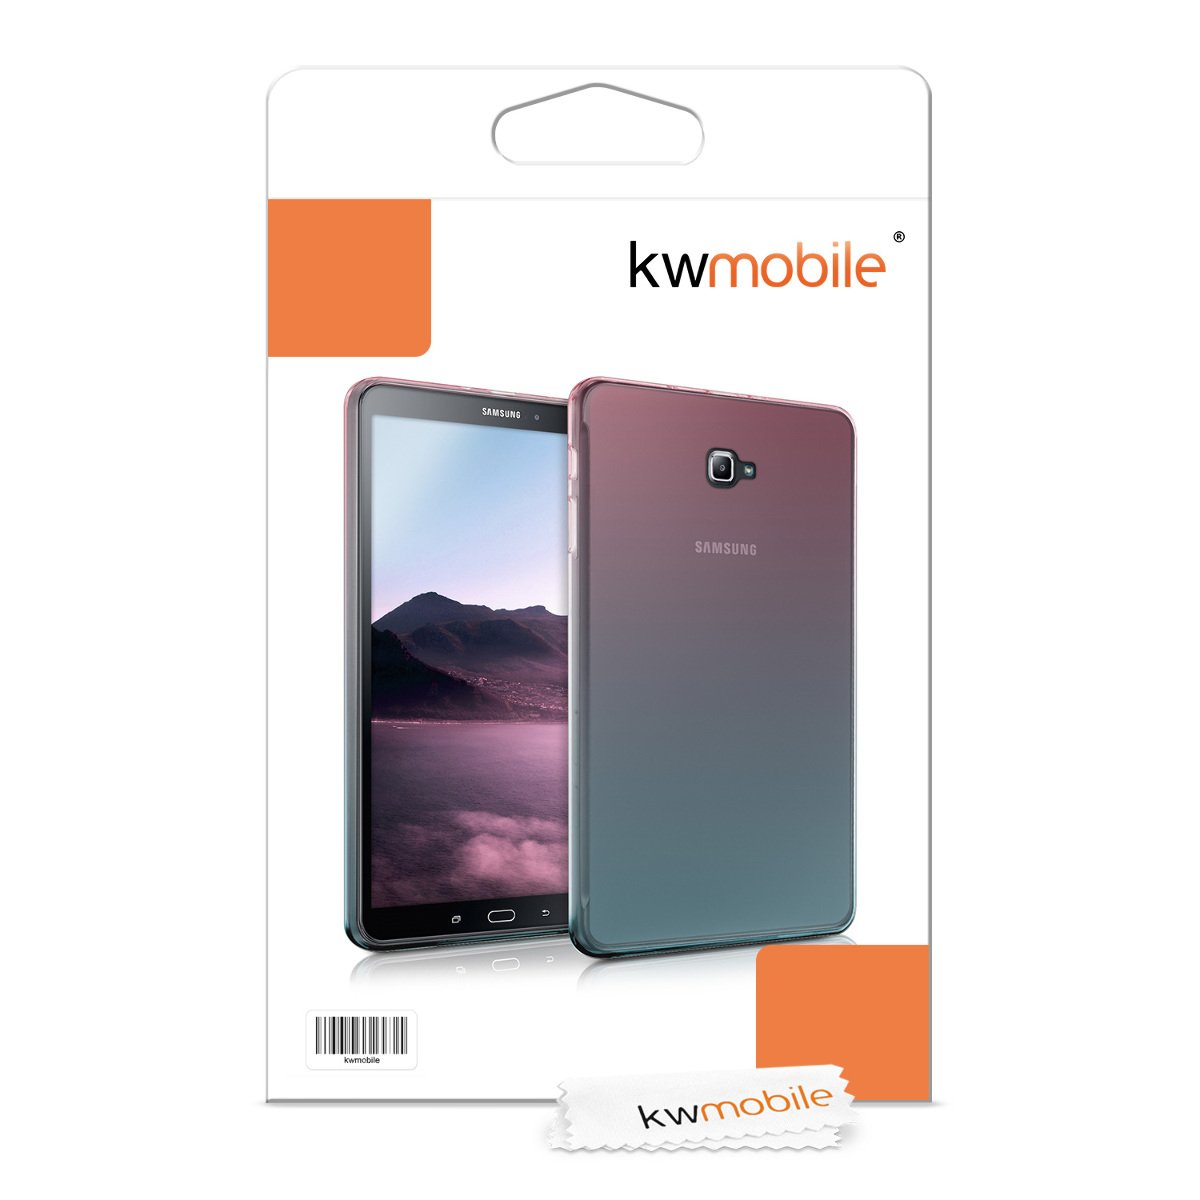 kwmobile /Étui Compatible avec Samsung Galaxy Tab A 10.1 T580N//T585N Housse Protectrice pour Tablette en Silicone noir-transparent